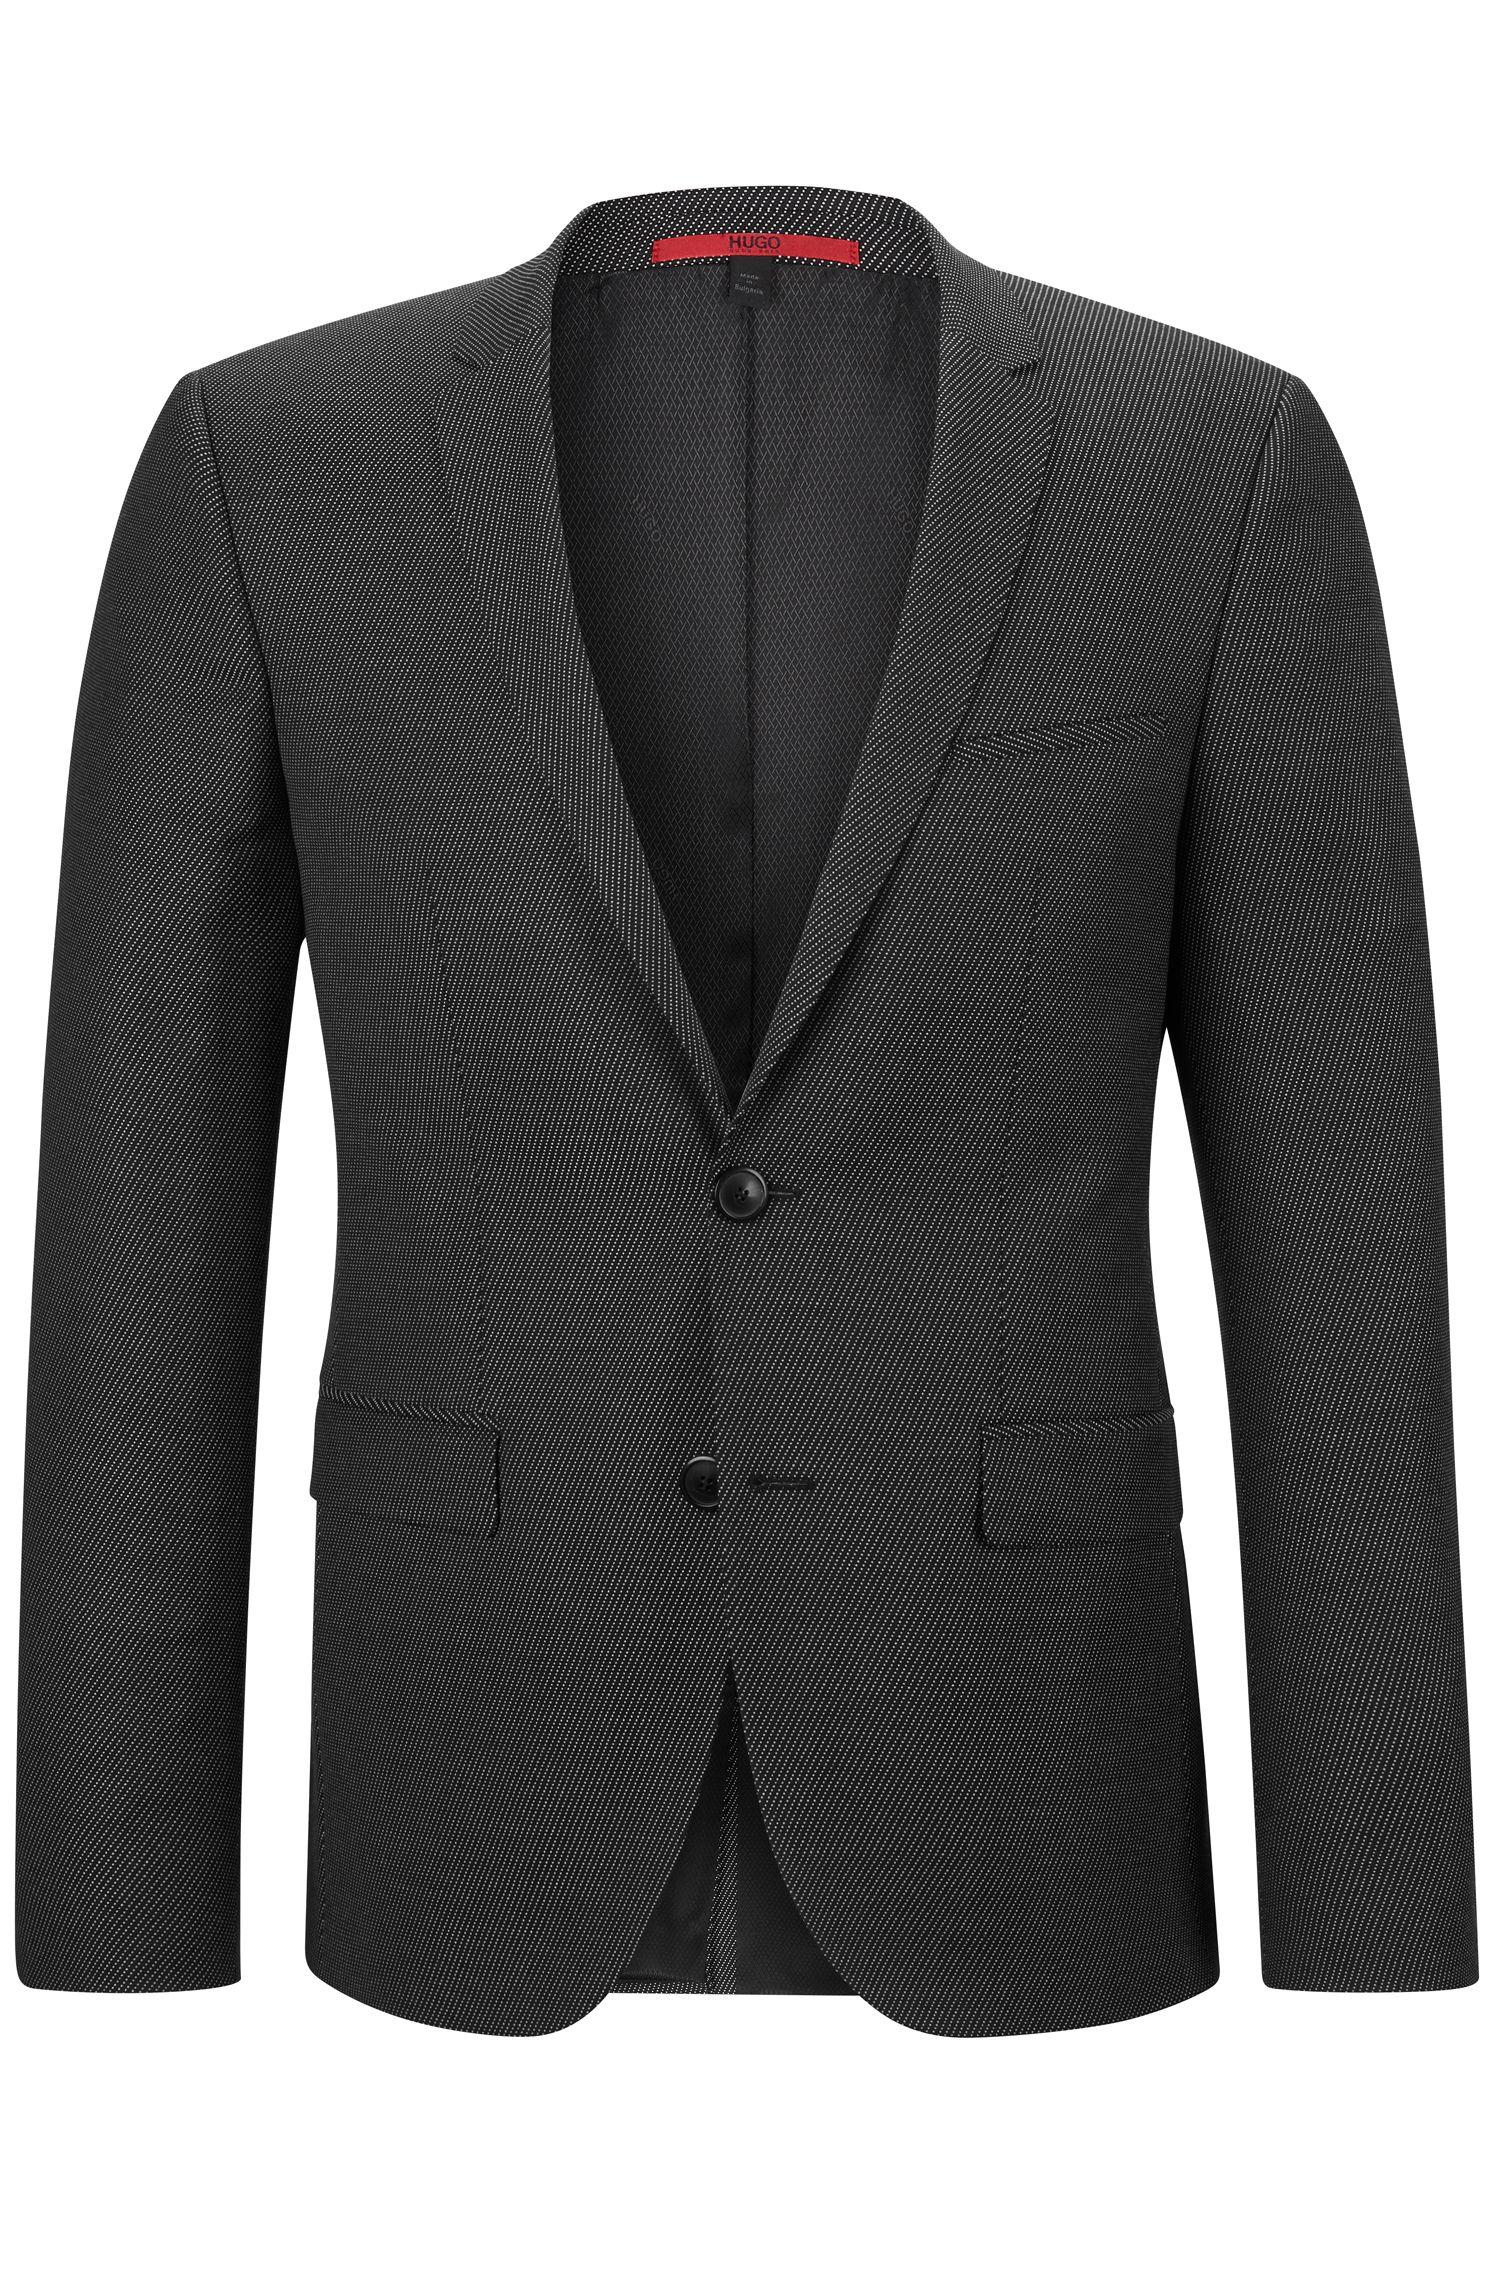 'Adris3'   Extra-Slim Fit, Virgin Wool Blend Sport Coat